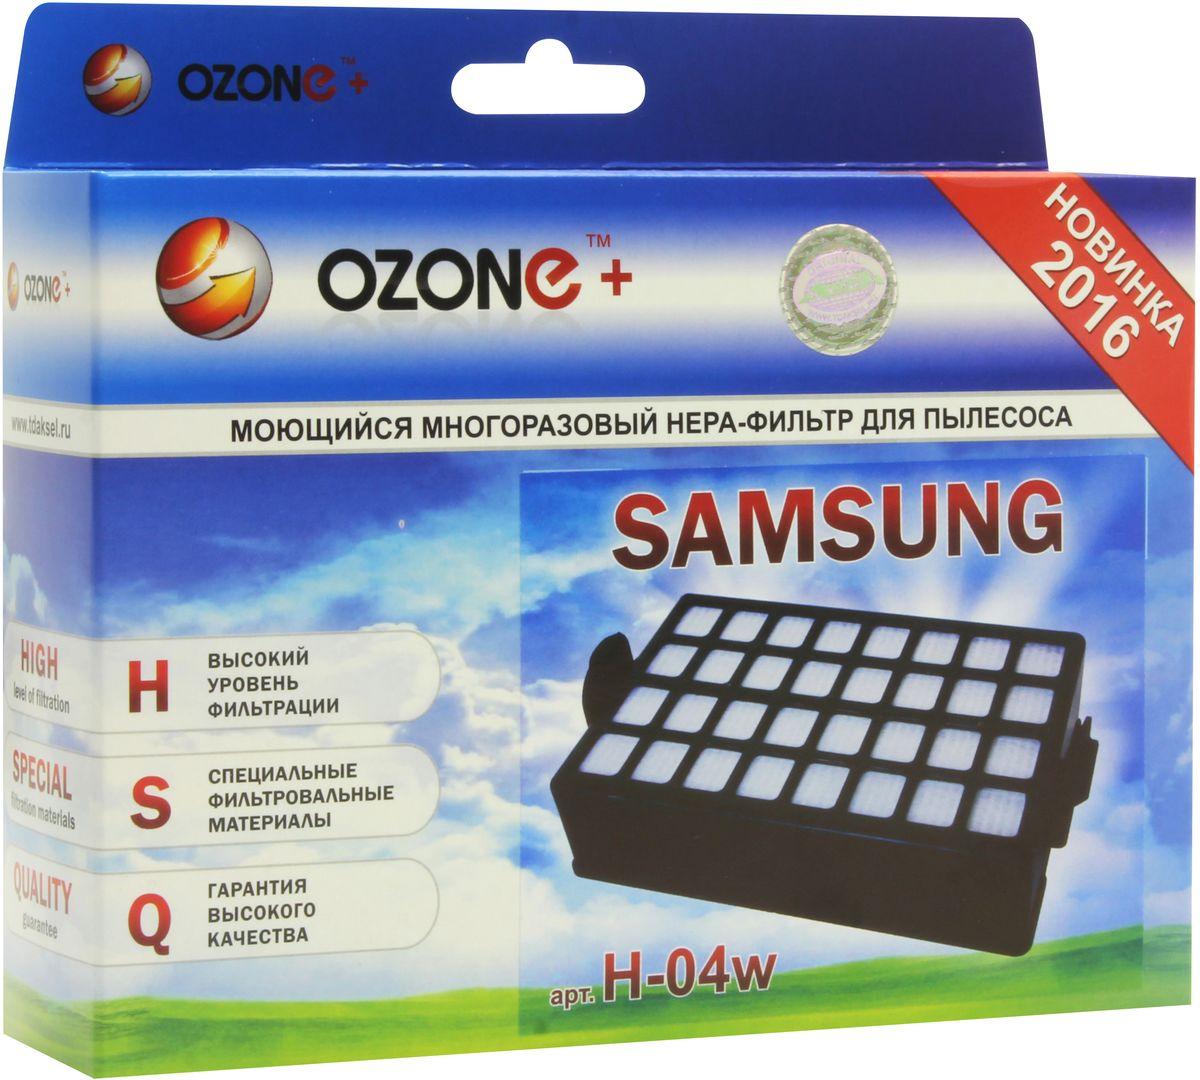 Ozone H-04W HEPA фильтр для пылесосов SamsungH-04wHEPA фильтр Ozone microne H-04W высокоэффективной очистки предназначен для завершающей очистки воздуха в помещении, которое требует высокое качество воздуха, например, медицинских помещений. Фильтр состоит из мелкопористых материалов, что служит эффективному задерживанию частиц размером до 0,3 мкм. Фильтры HEPA последнего поколения имеют степень очистки воздуха около 95-97%. Фильтры подлежат к промывке, а значит, они не являются одноразовыми.